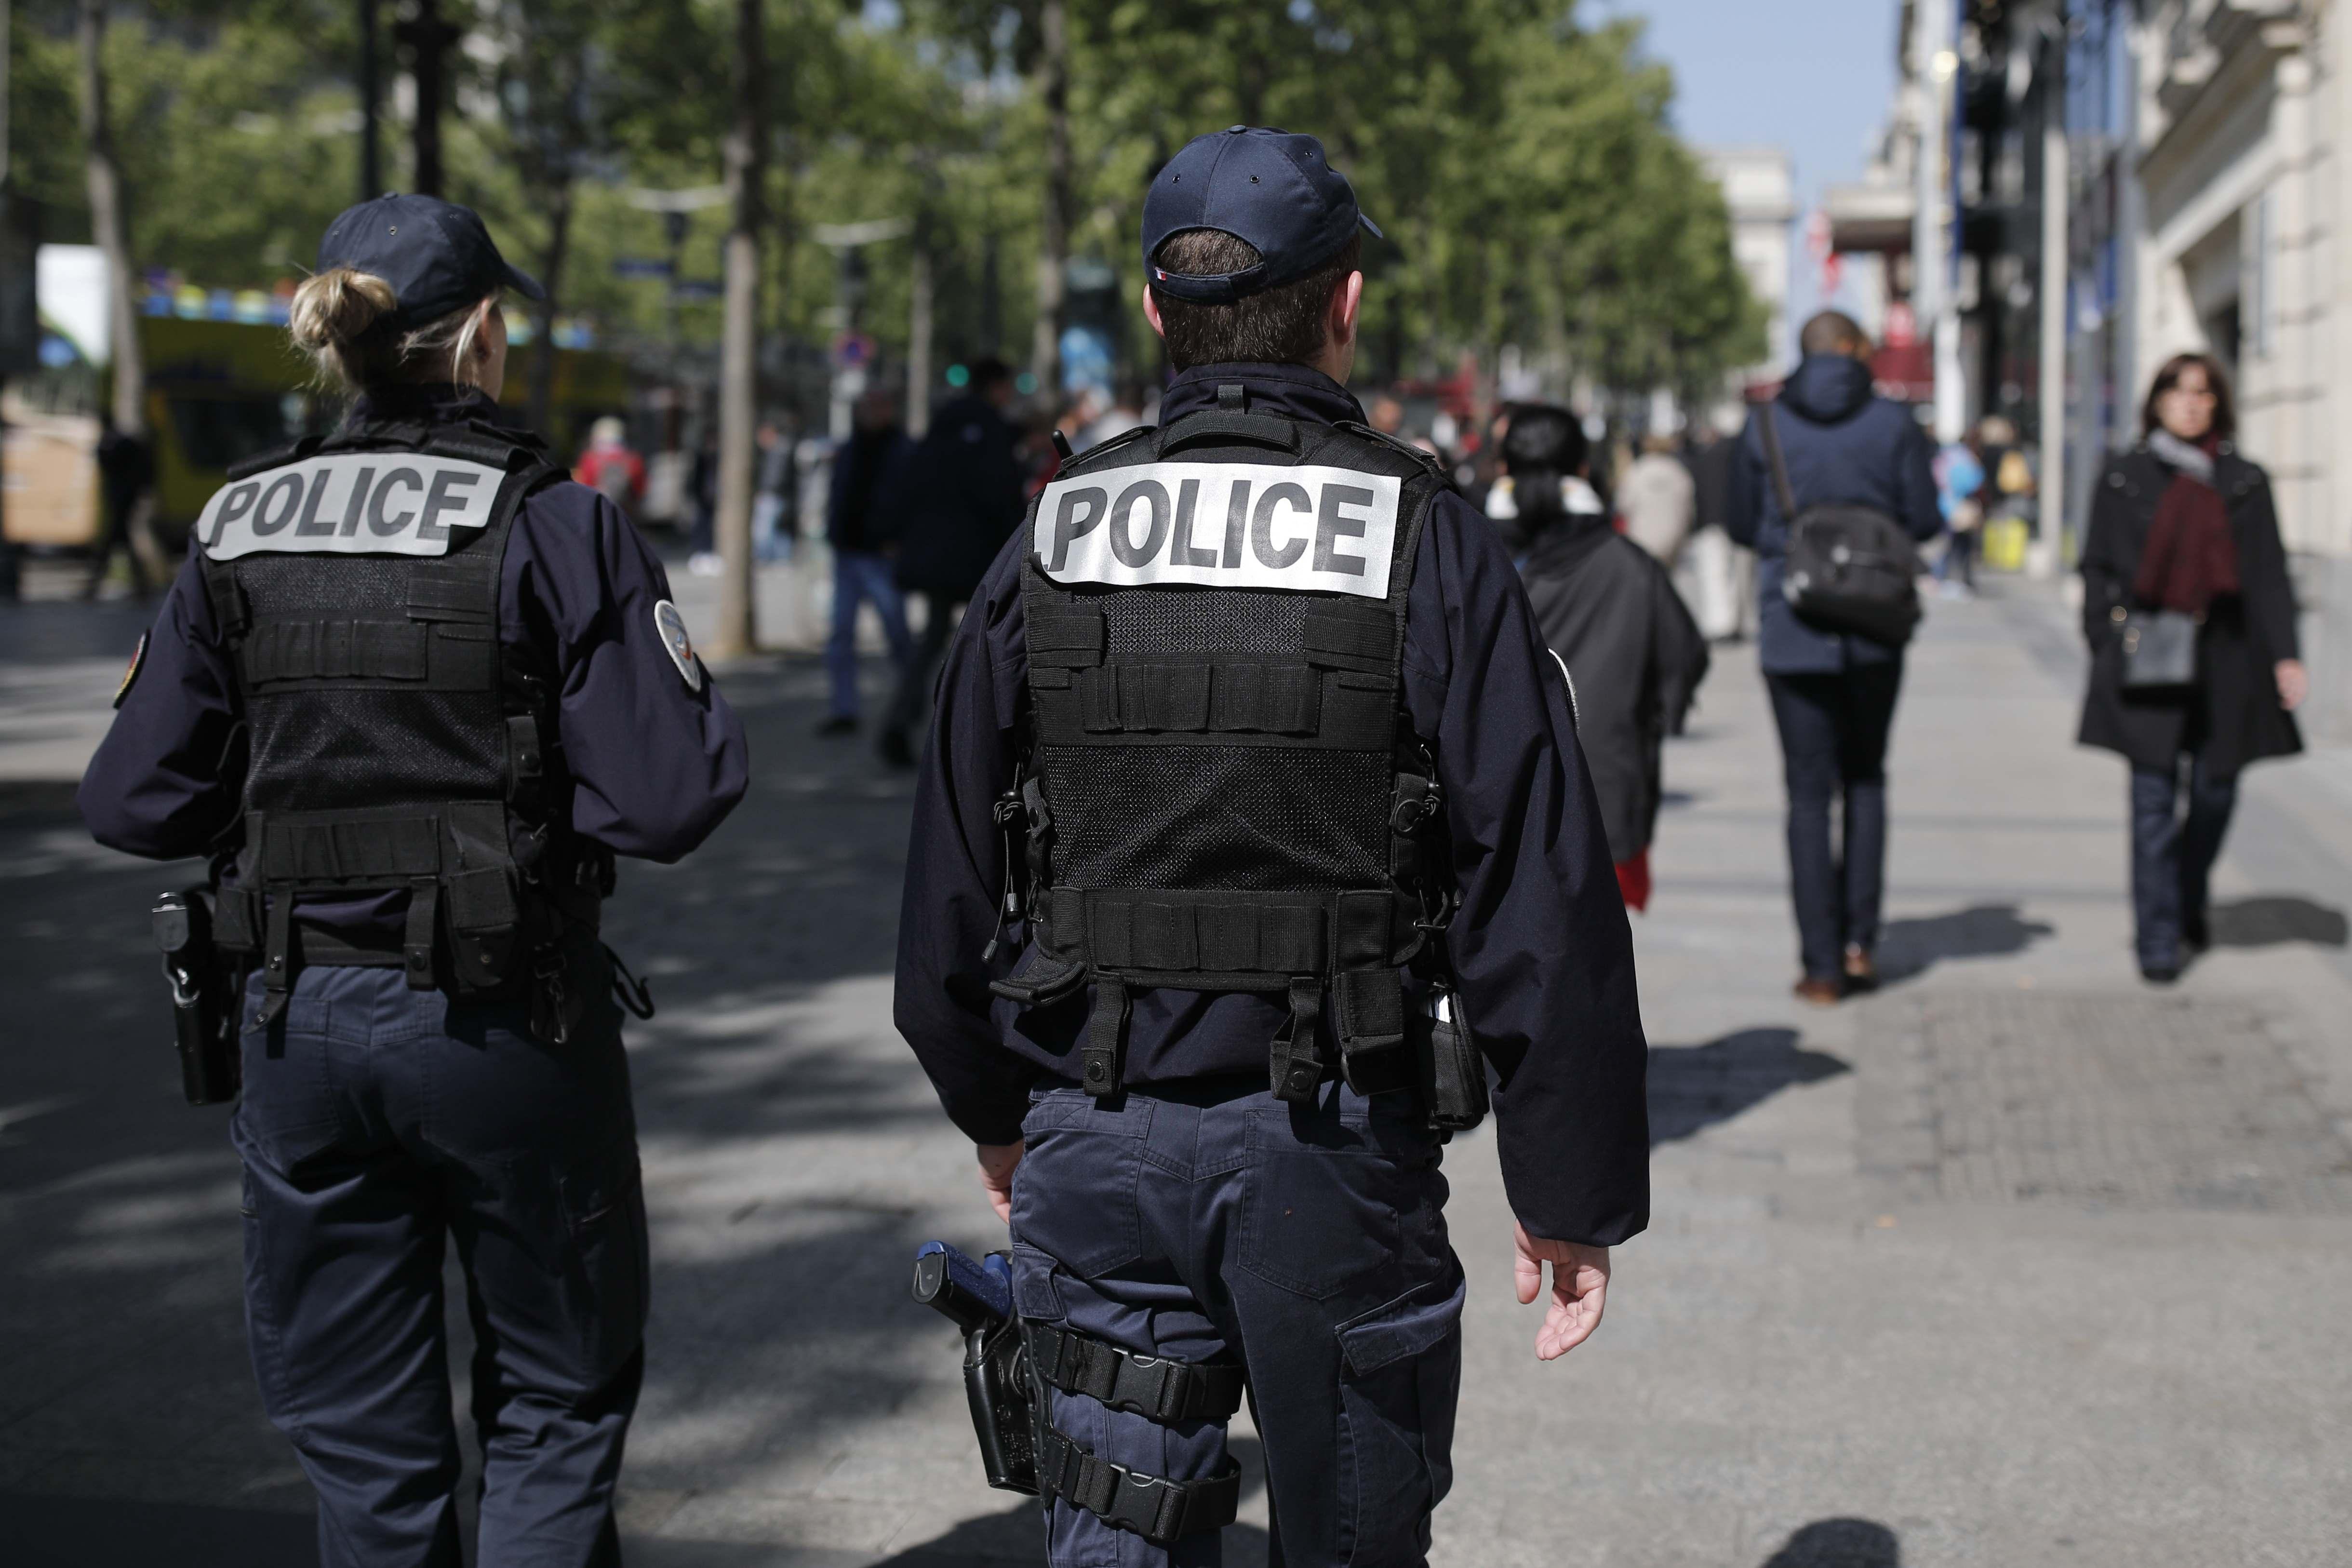 اليمين المتطرف Picture: توقيف 15 من اليمين المتطرف في باريس في إطار منع تظاهرة غير